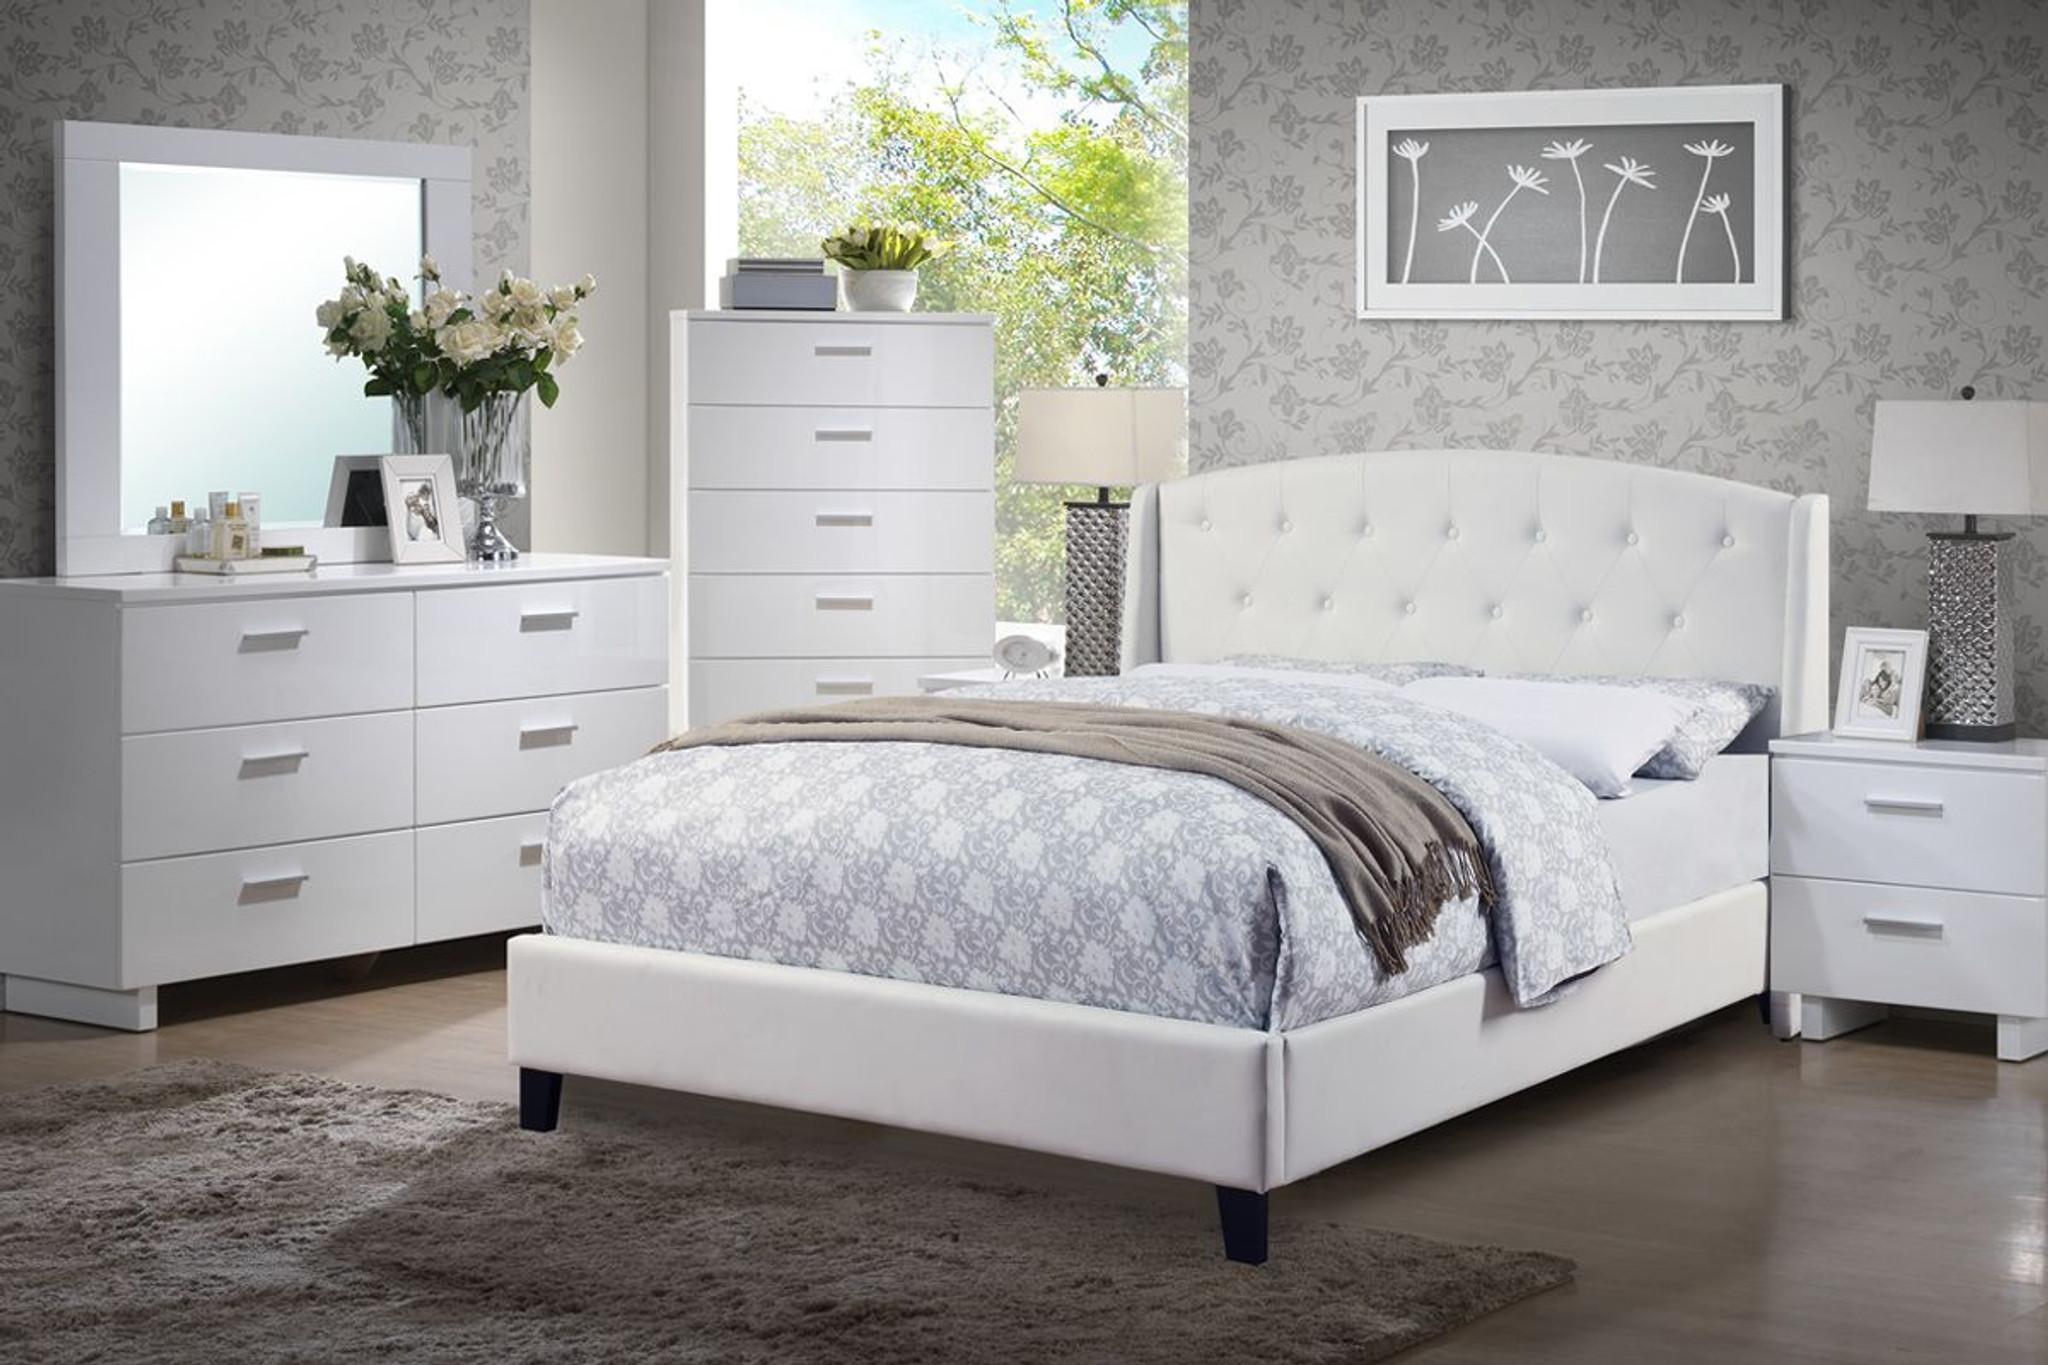 6 PC EDEN WHITE PLATFORM BED SET